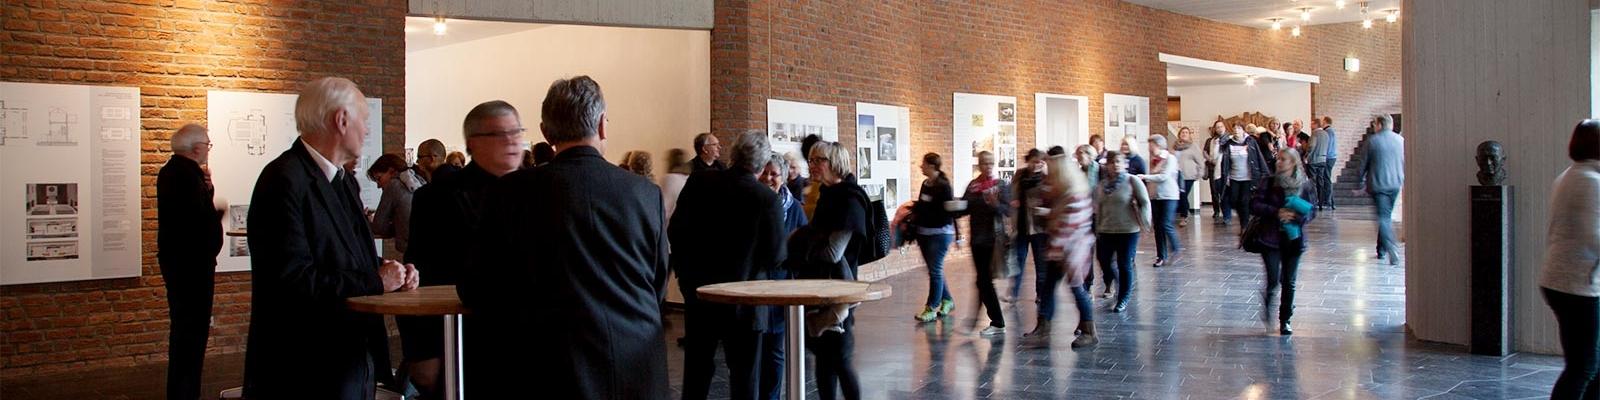 Menschen im Foyer